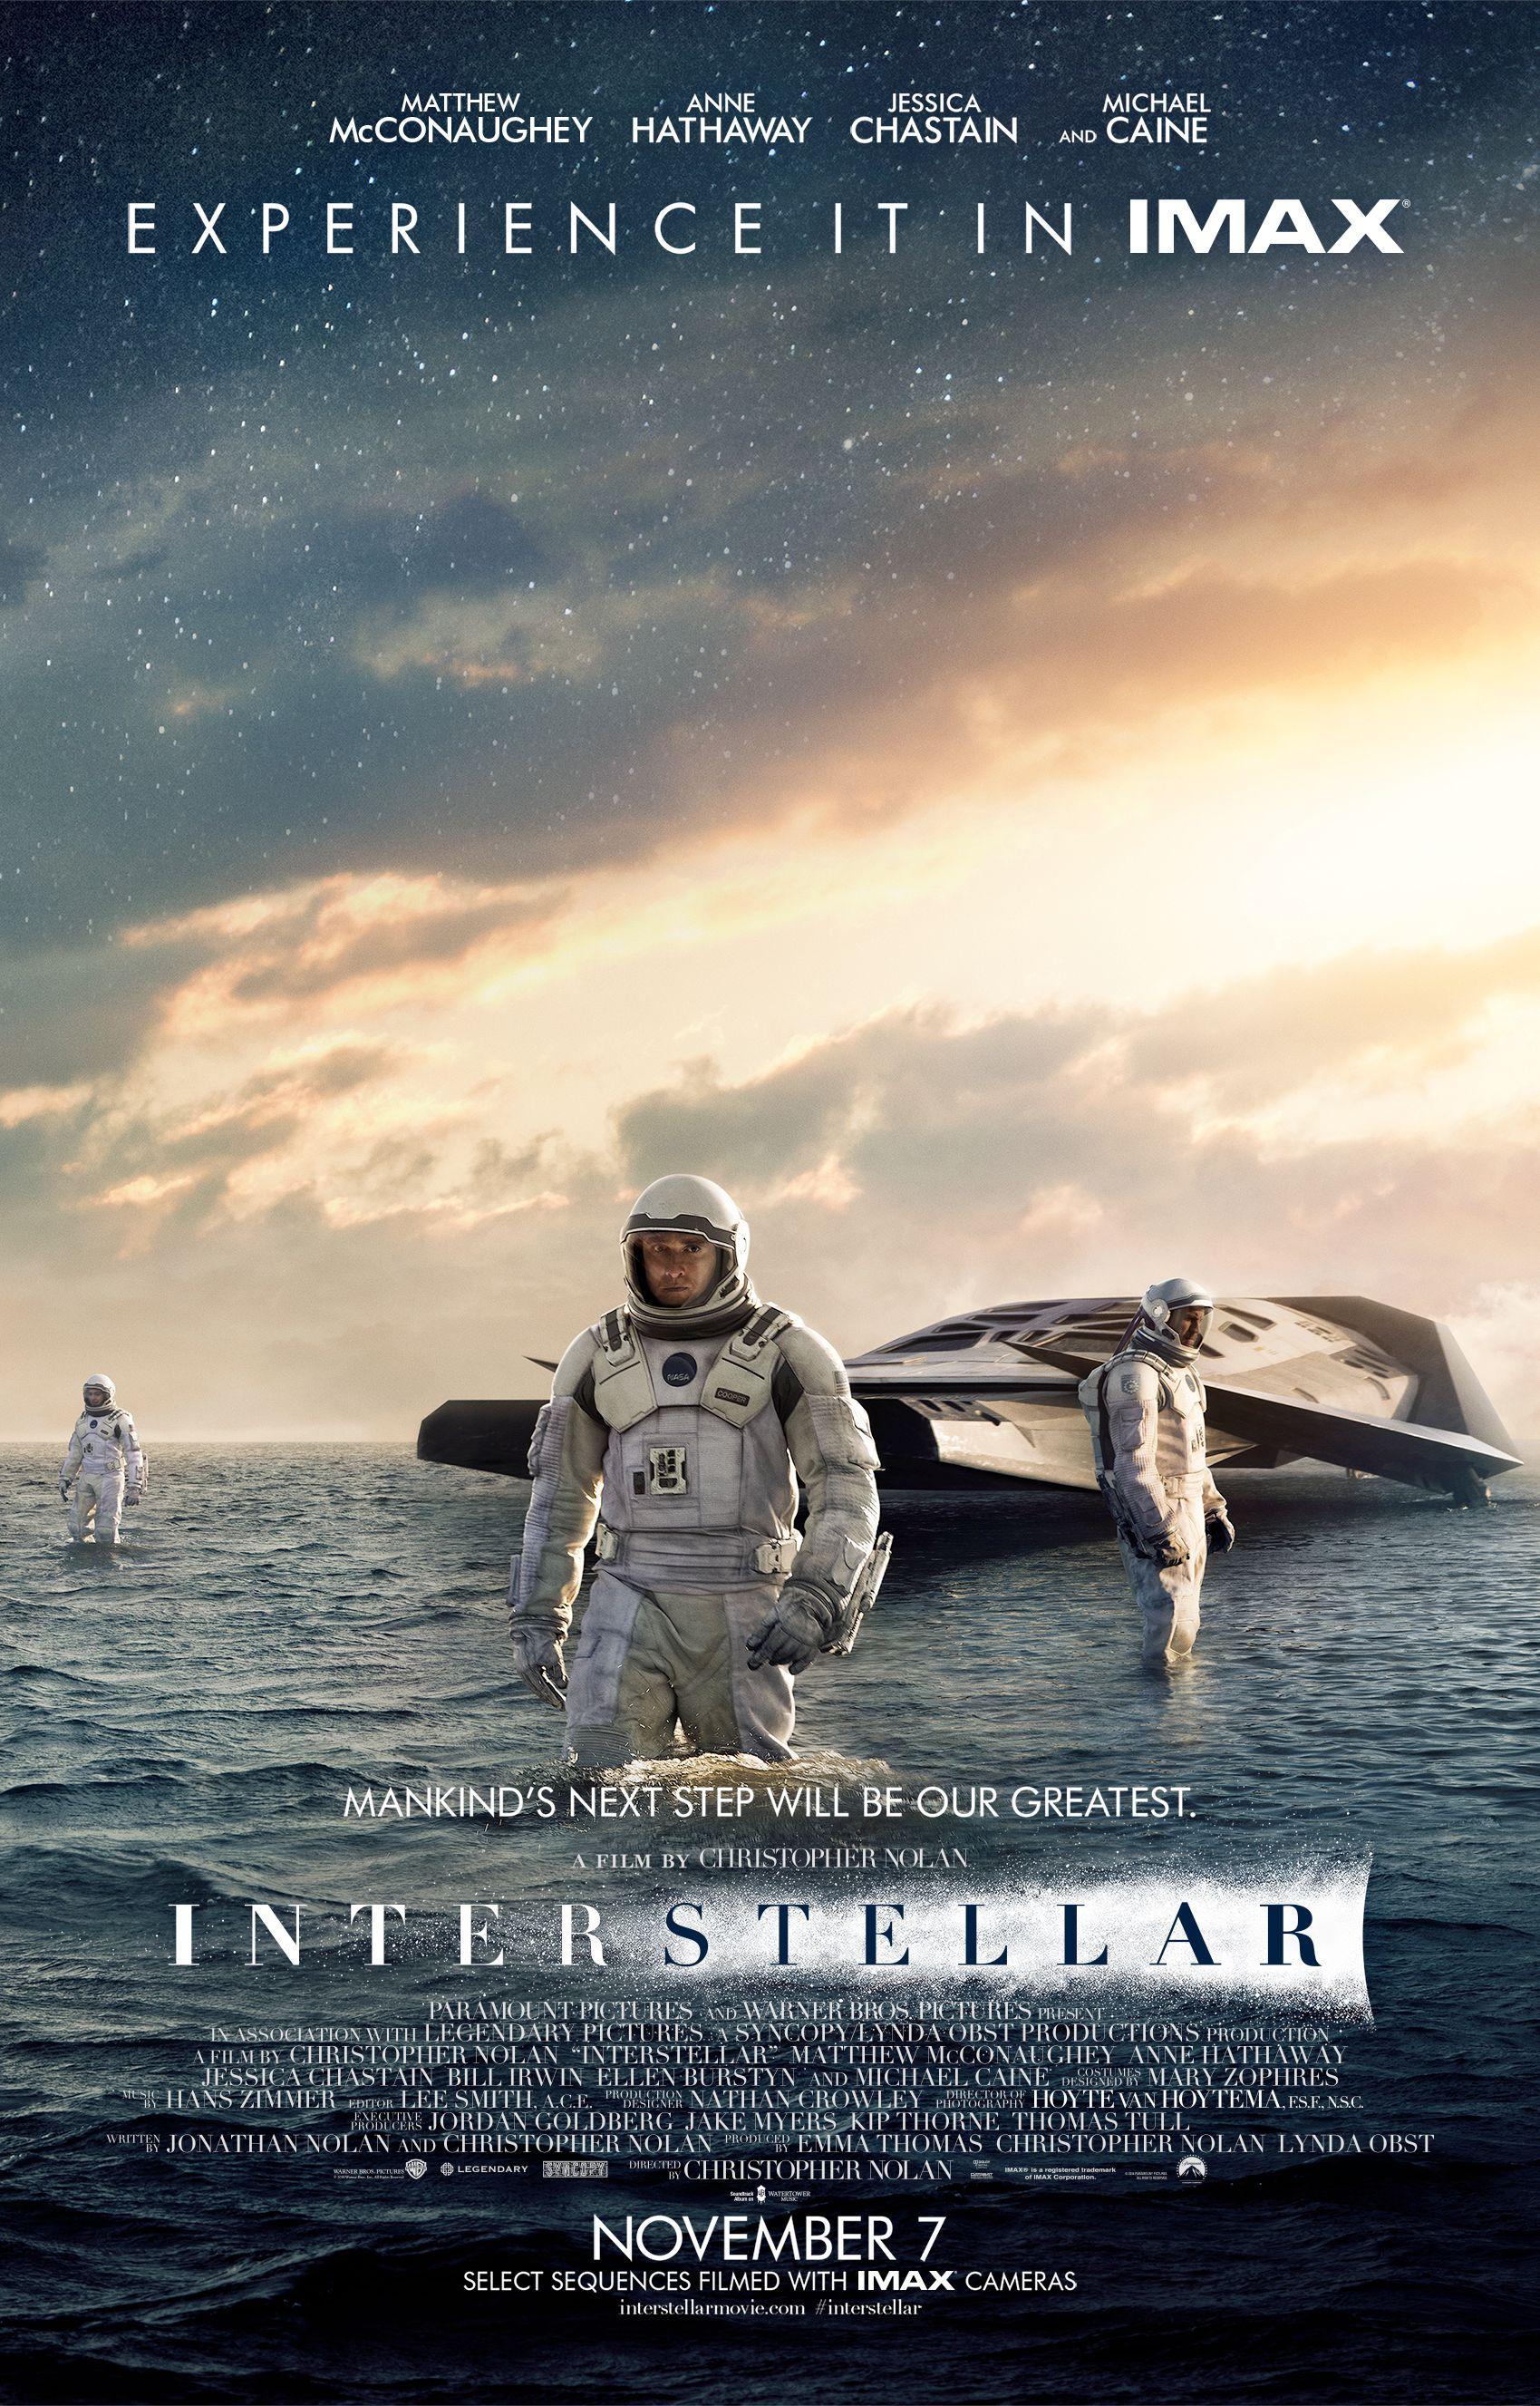 [Imagen: interstellar-imax-poster.jpg]